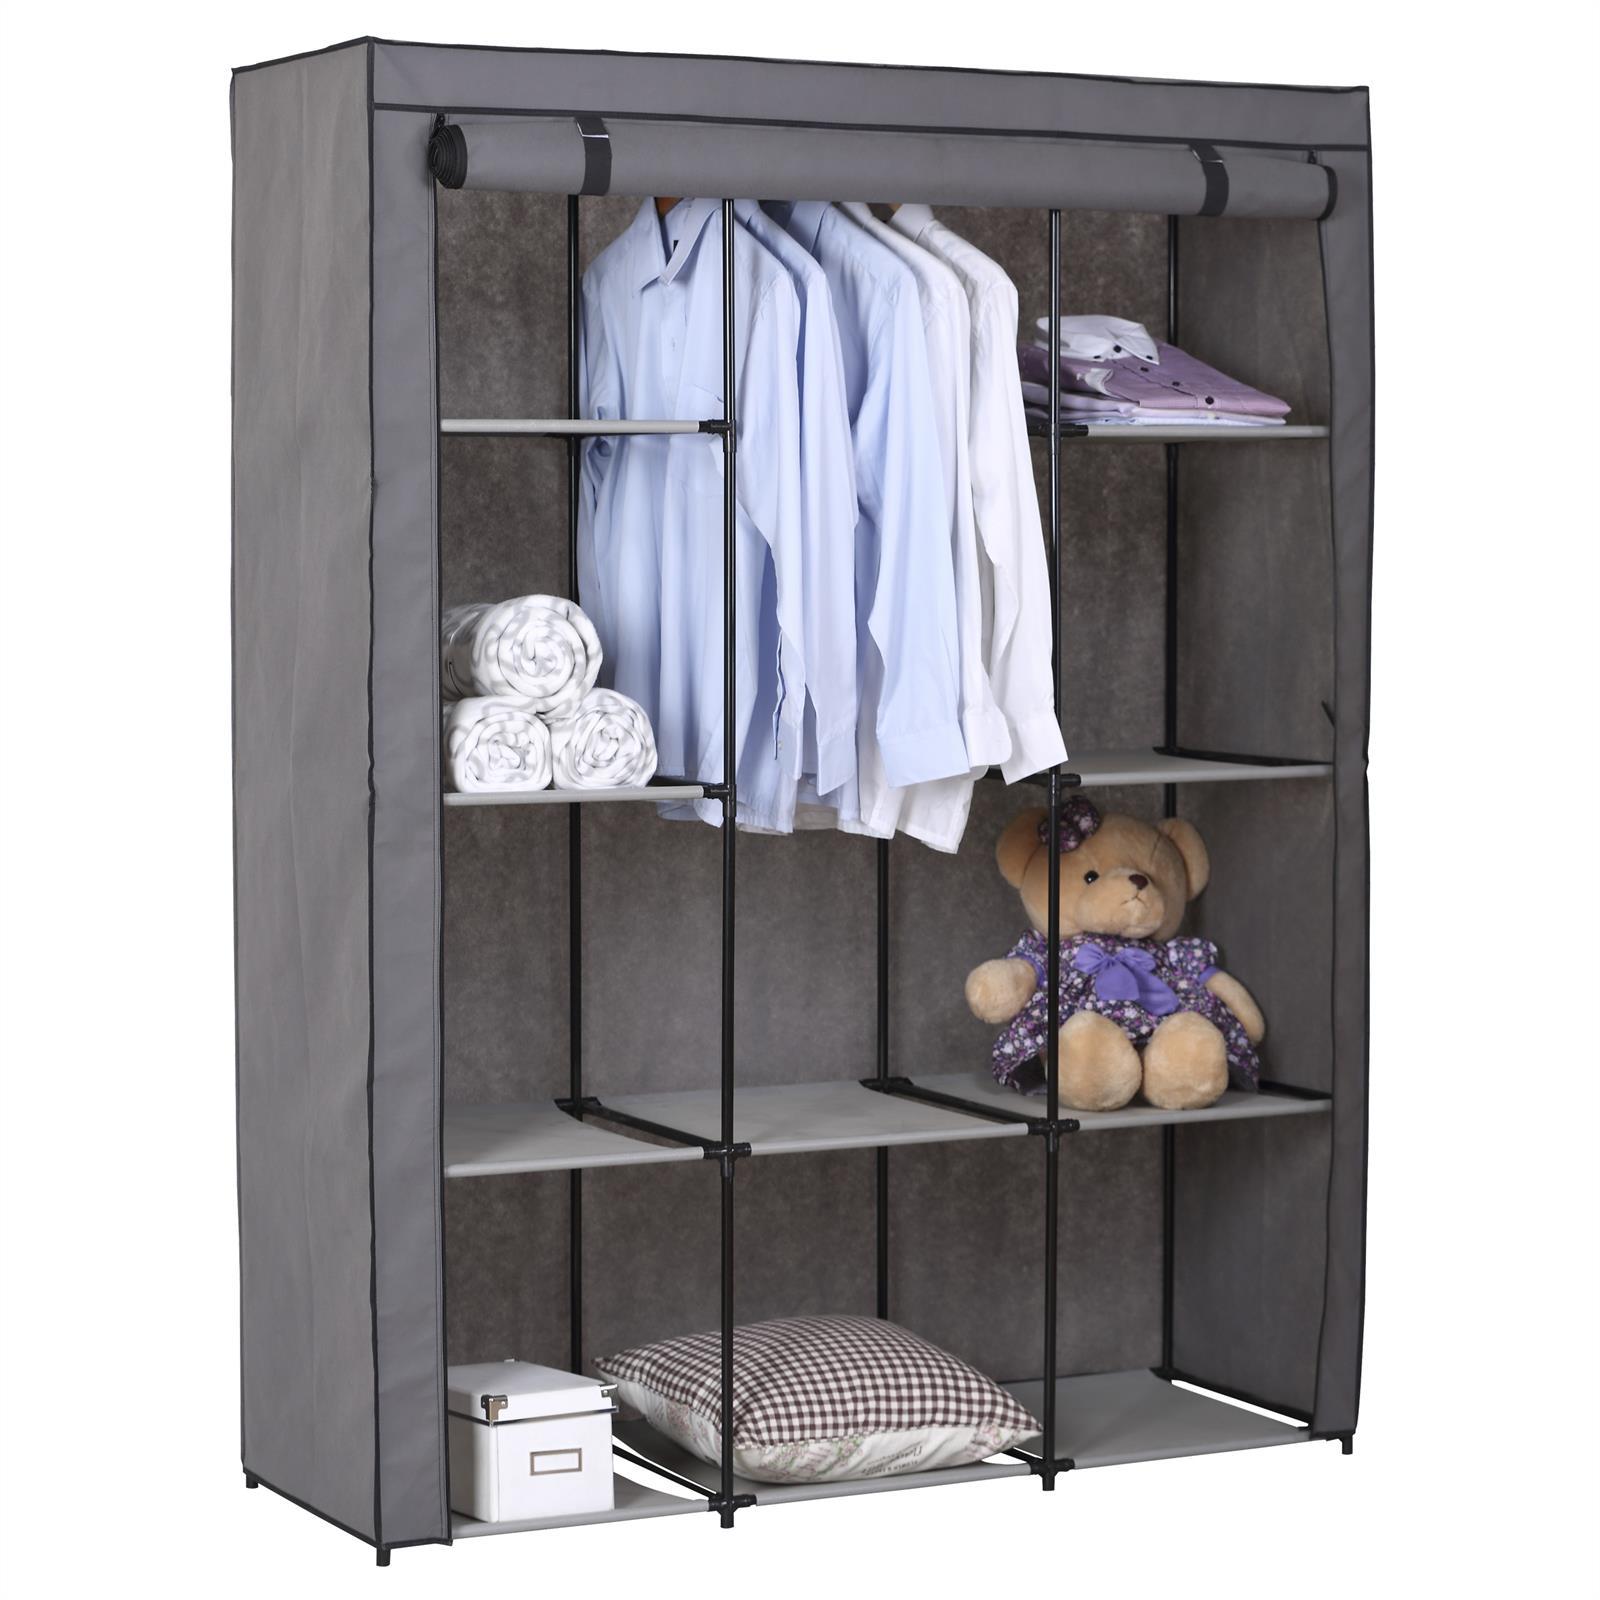 Kleiderschrank STEVEN, 1 Kleiderstange, 9 Regale - mobilia24